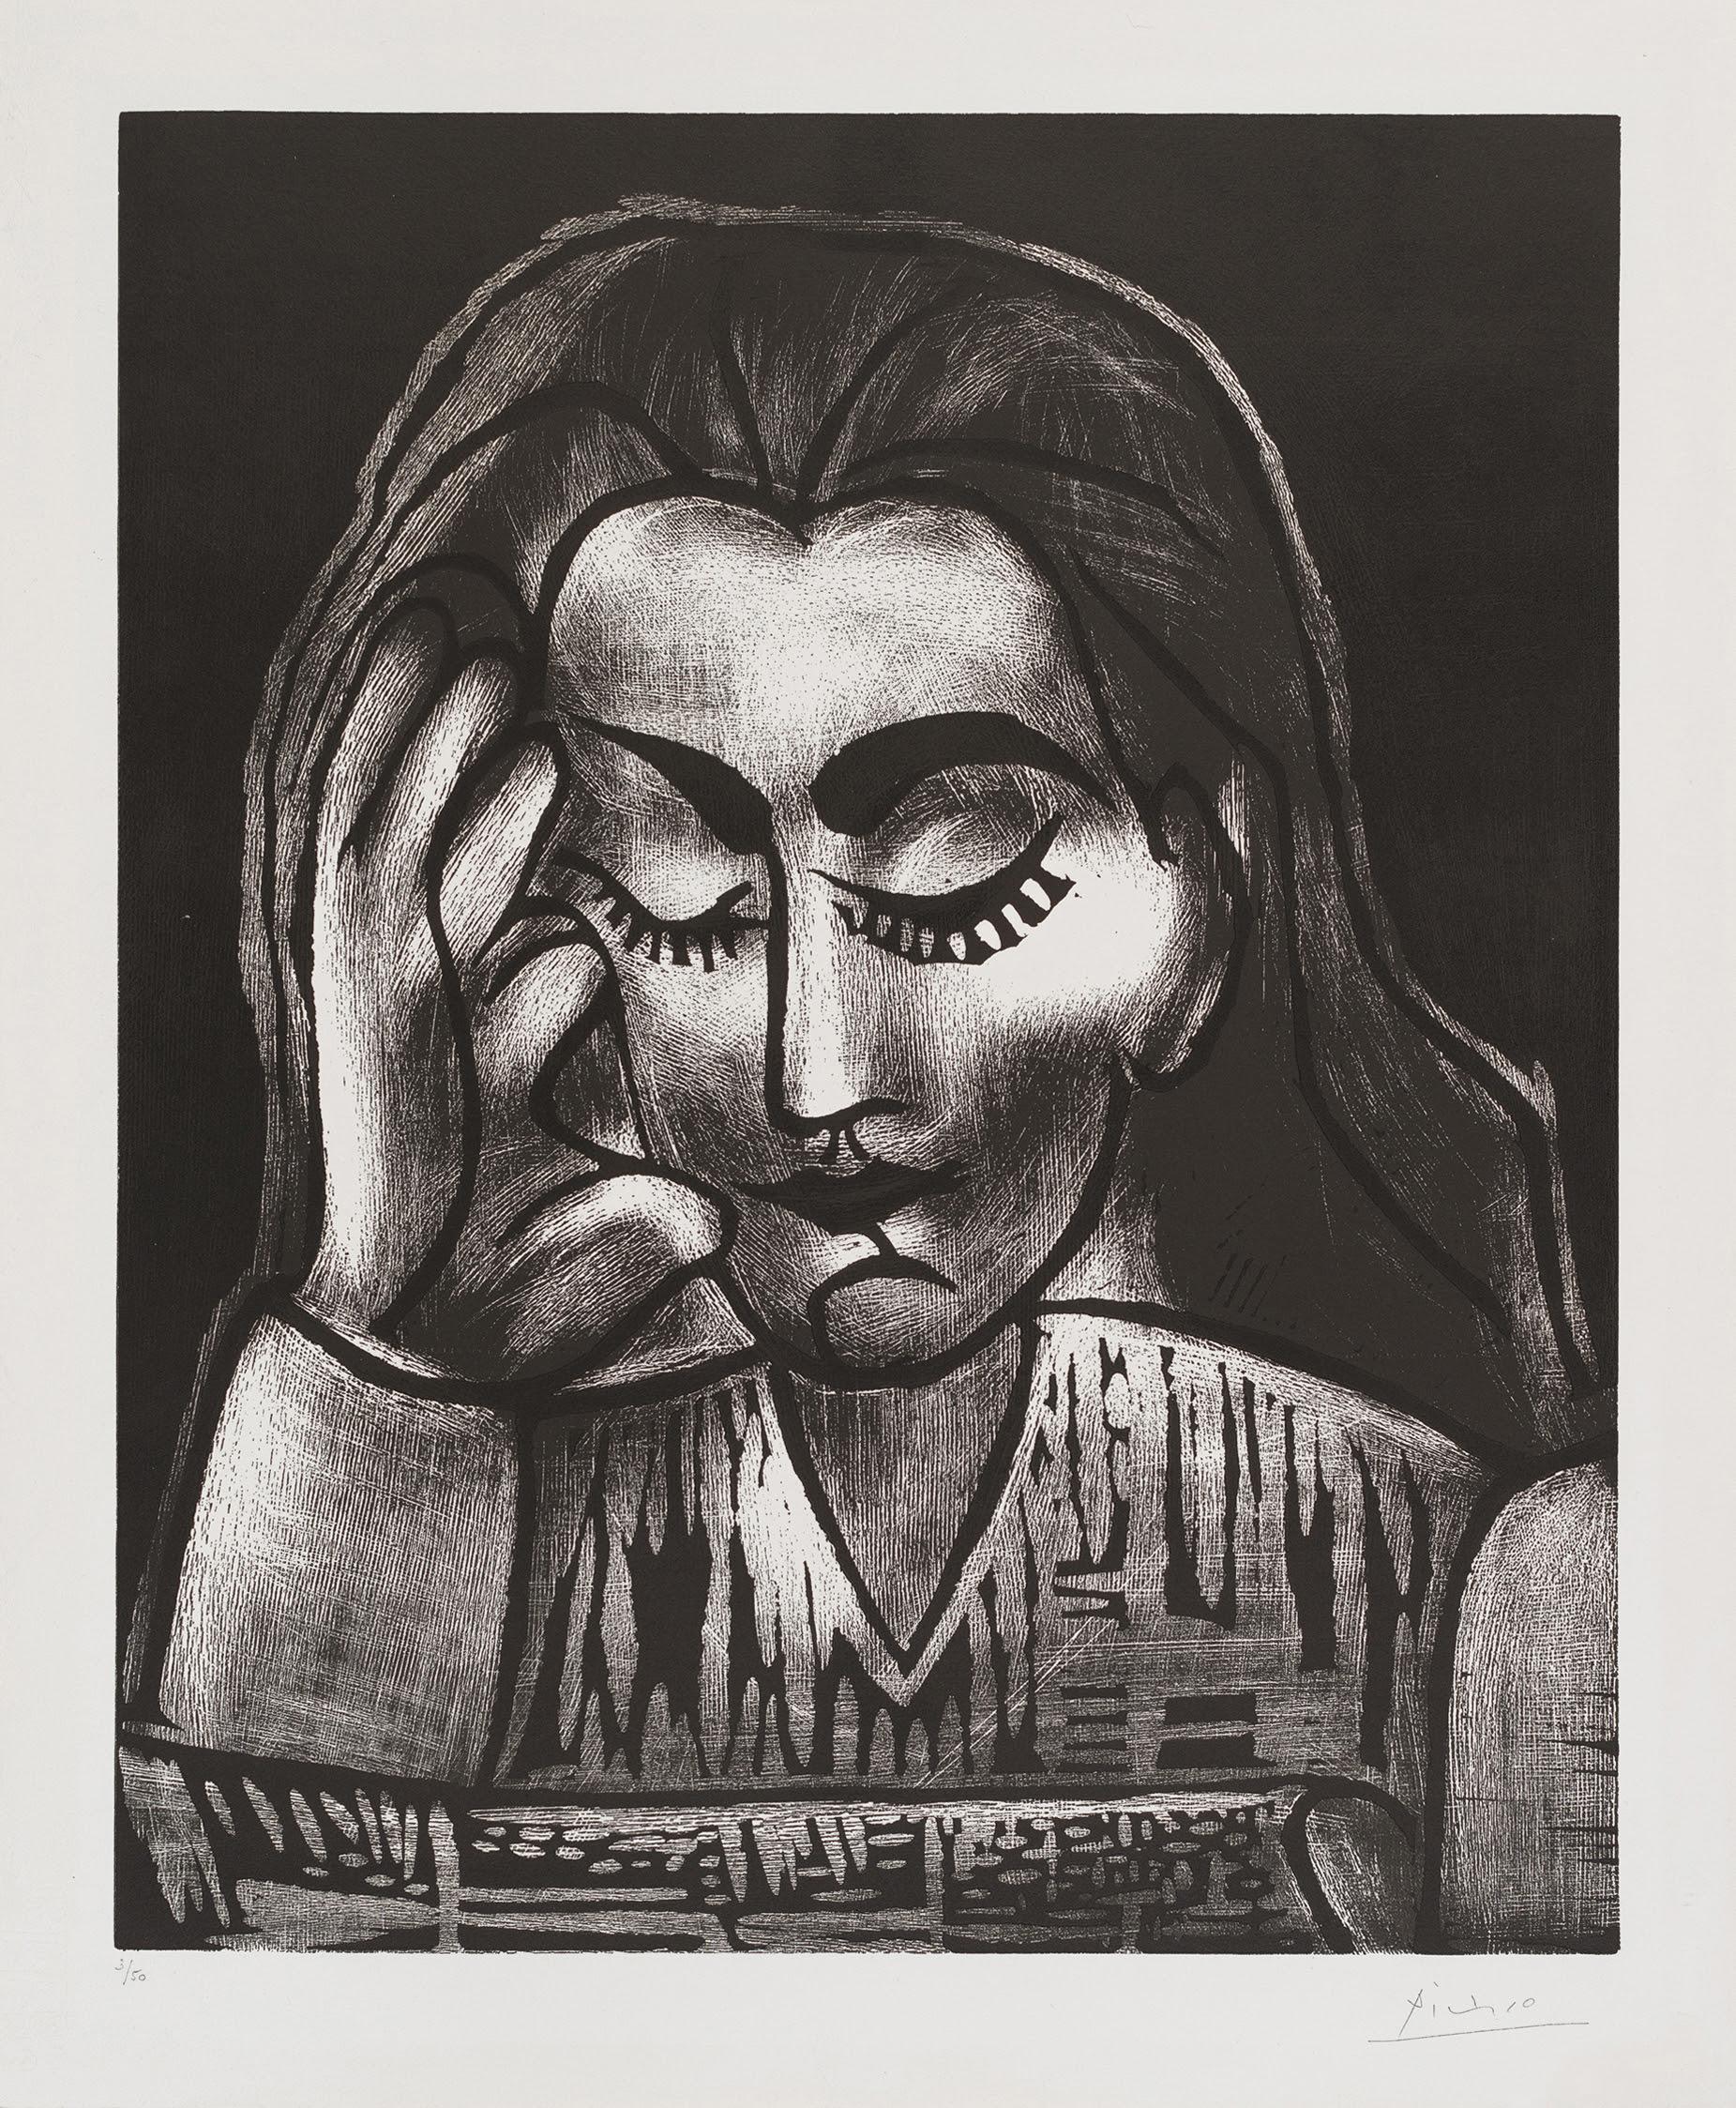 fine art print image of Pablo Picasso Jacqueline lisant, 1962